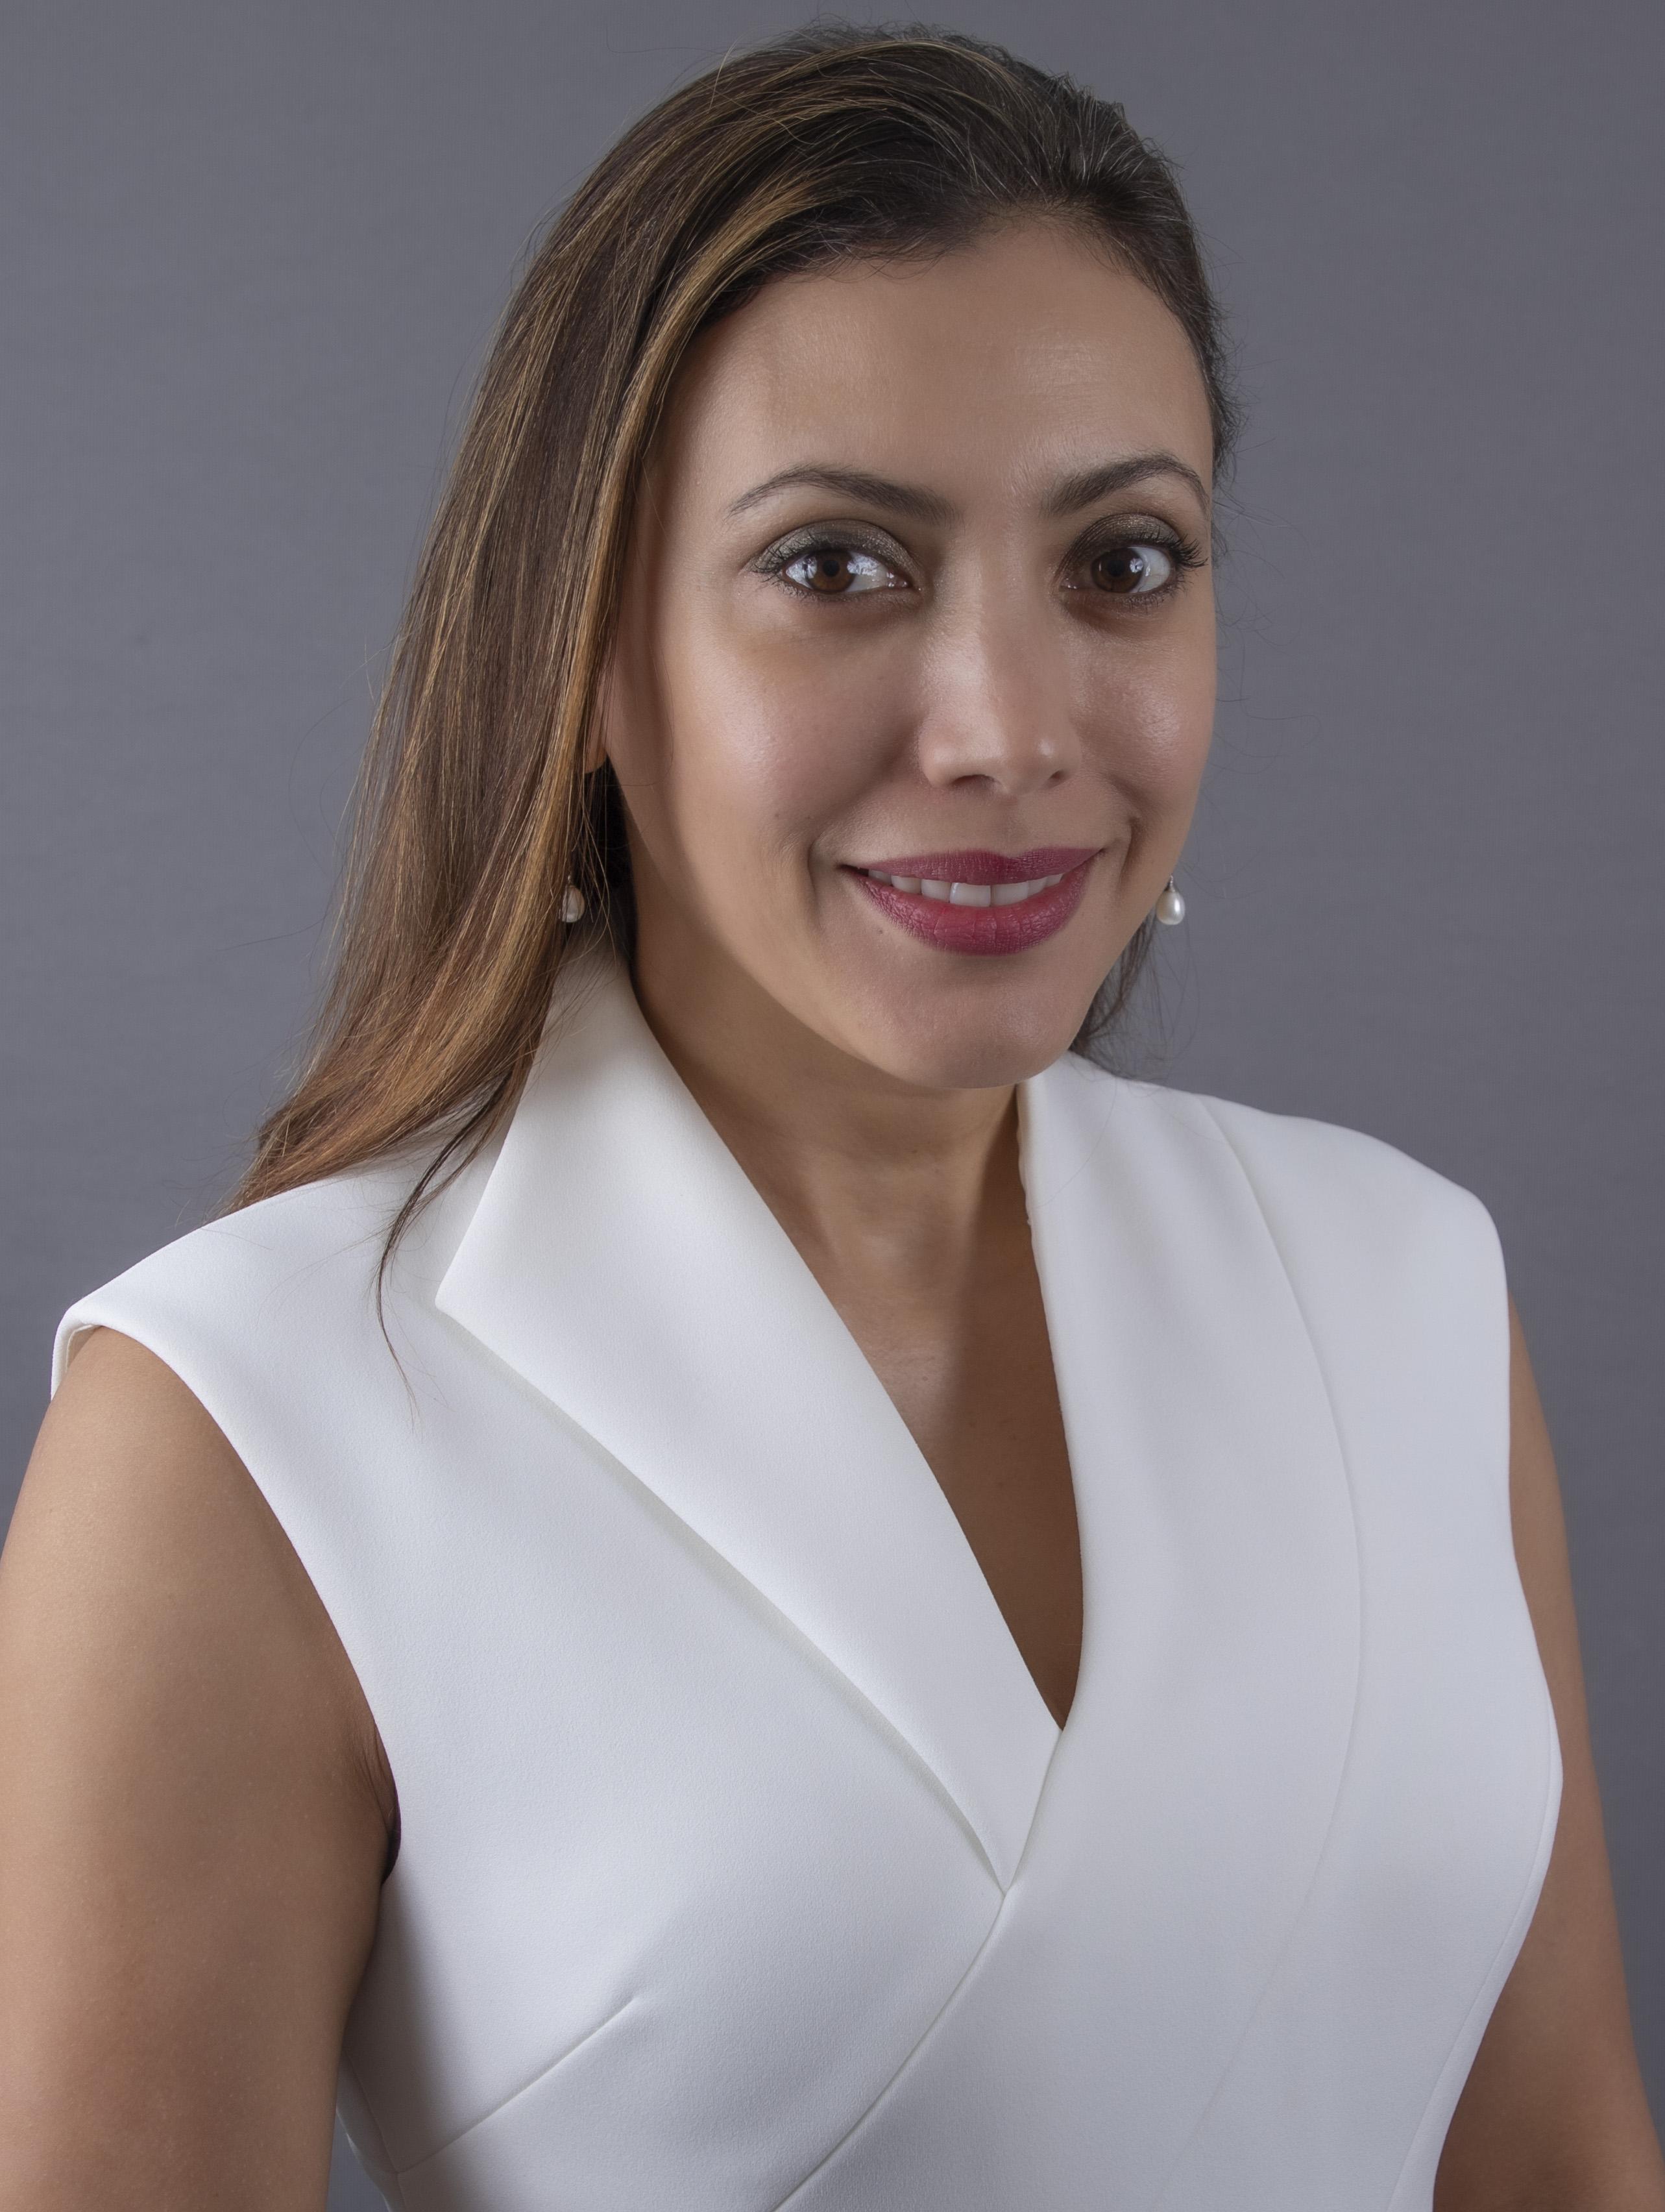 Melba Hernandez-Tejada, PhD